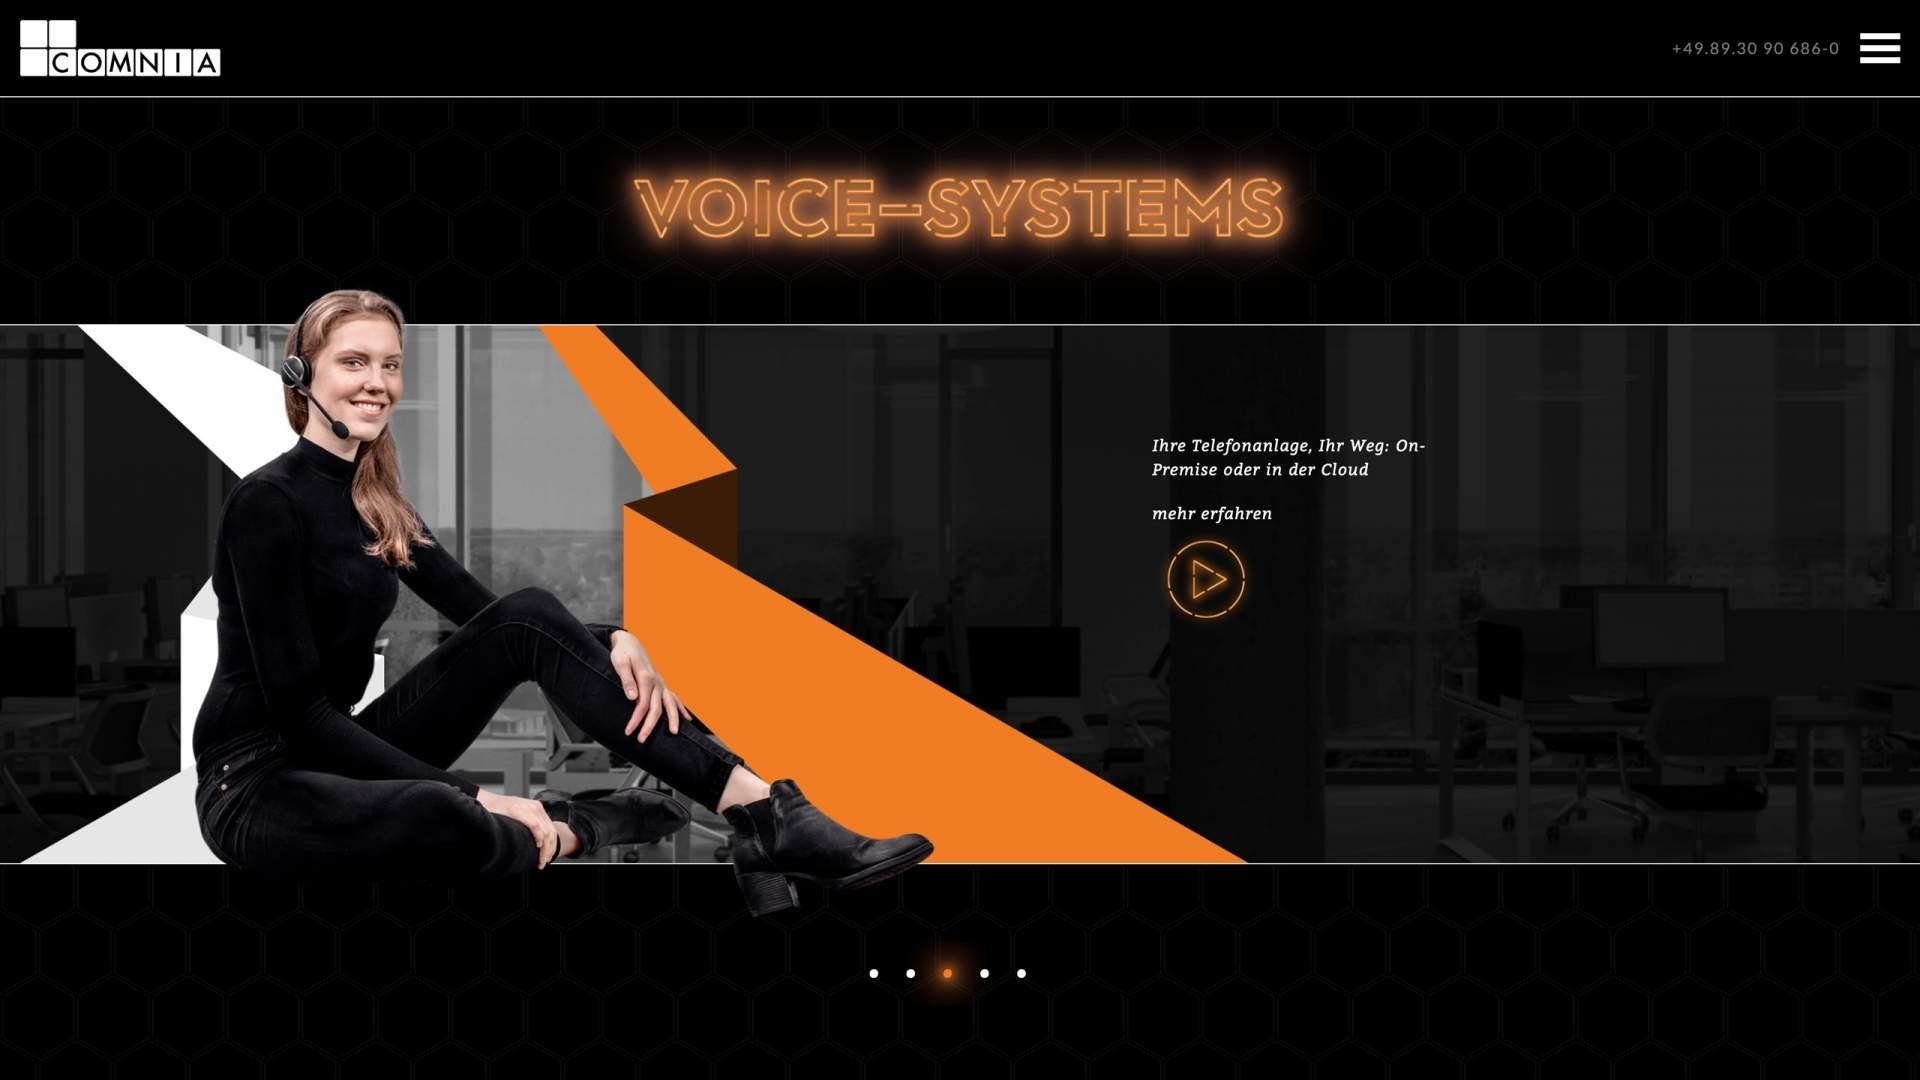 Keyimage-schwarz gekleidete Dame sizend vor orangem Grafikelement mit Bürolandschaft